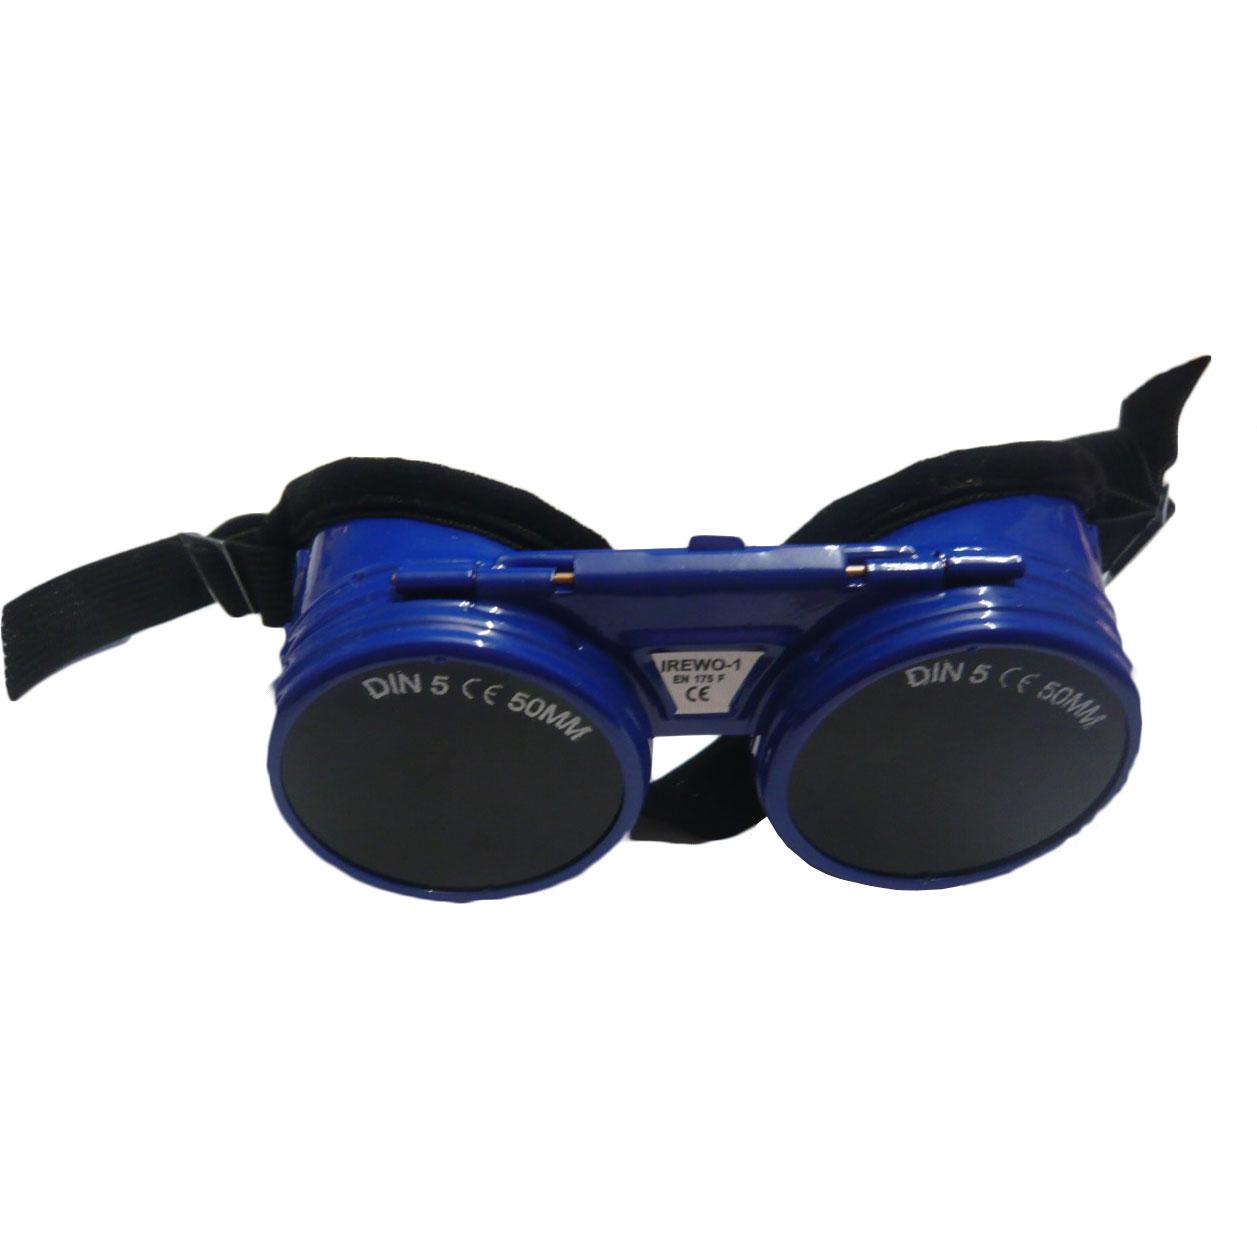 Svejsebriller Din 5 + klar glas ved åbning.